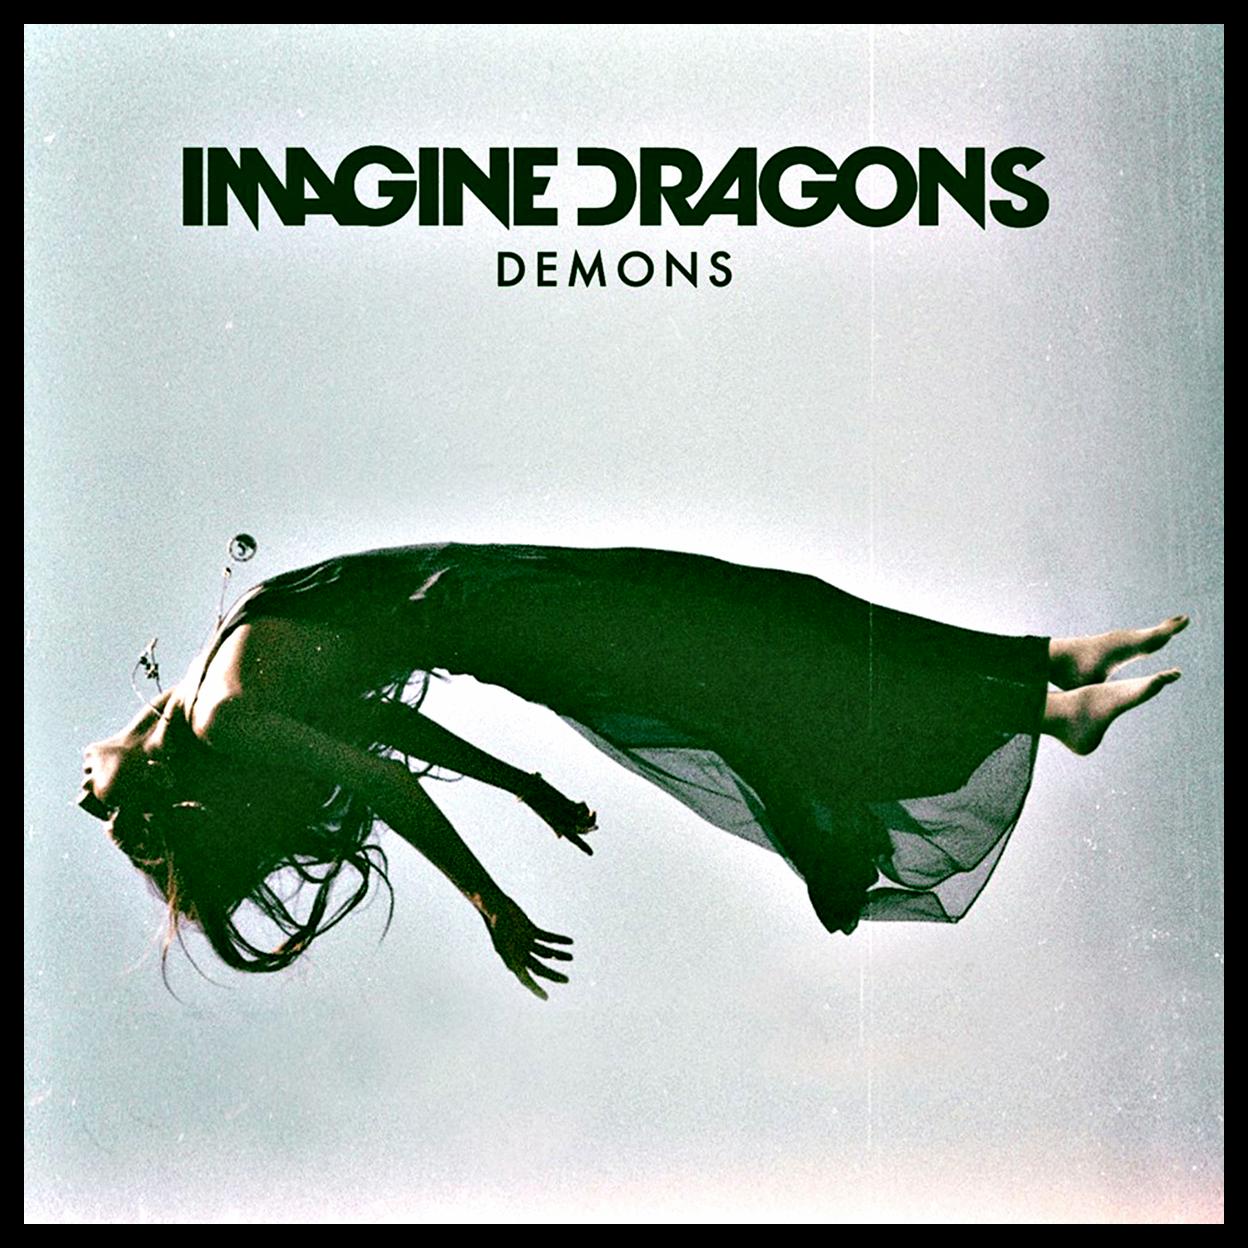 Demons Imagine Dragons Quotes Quotesgram